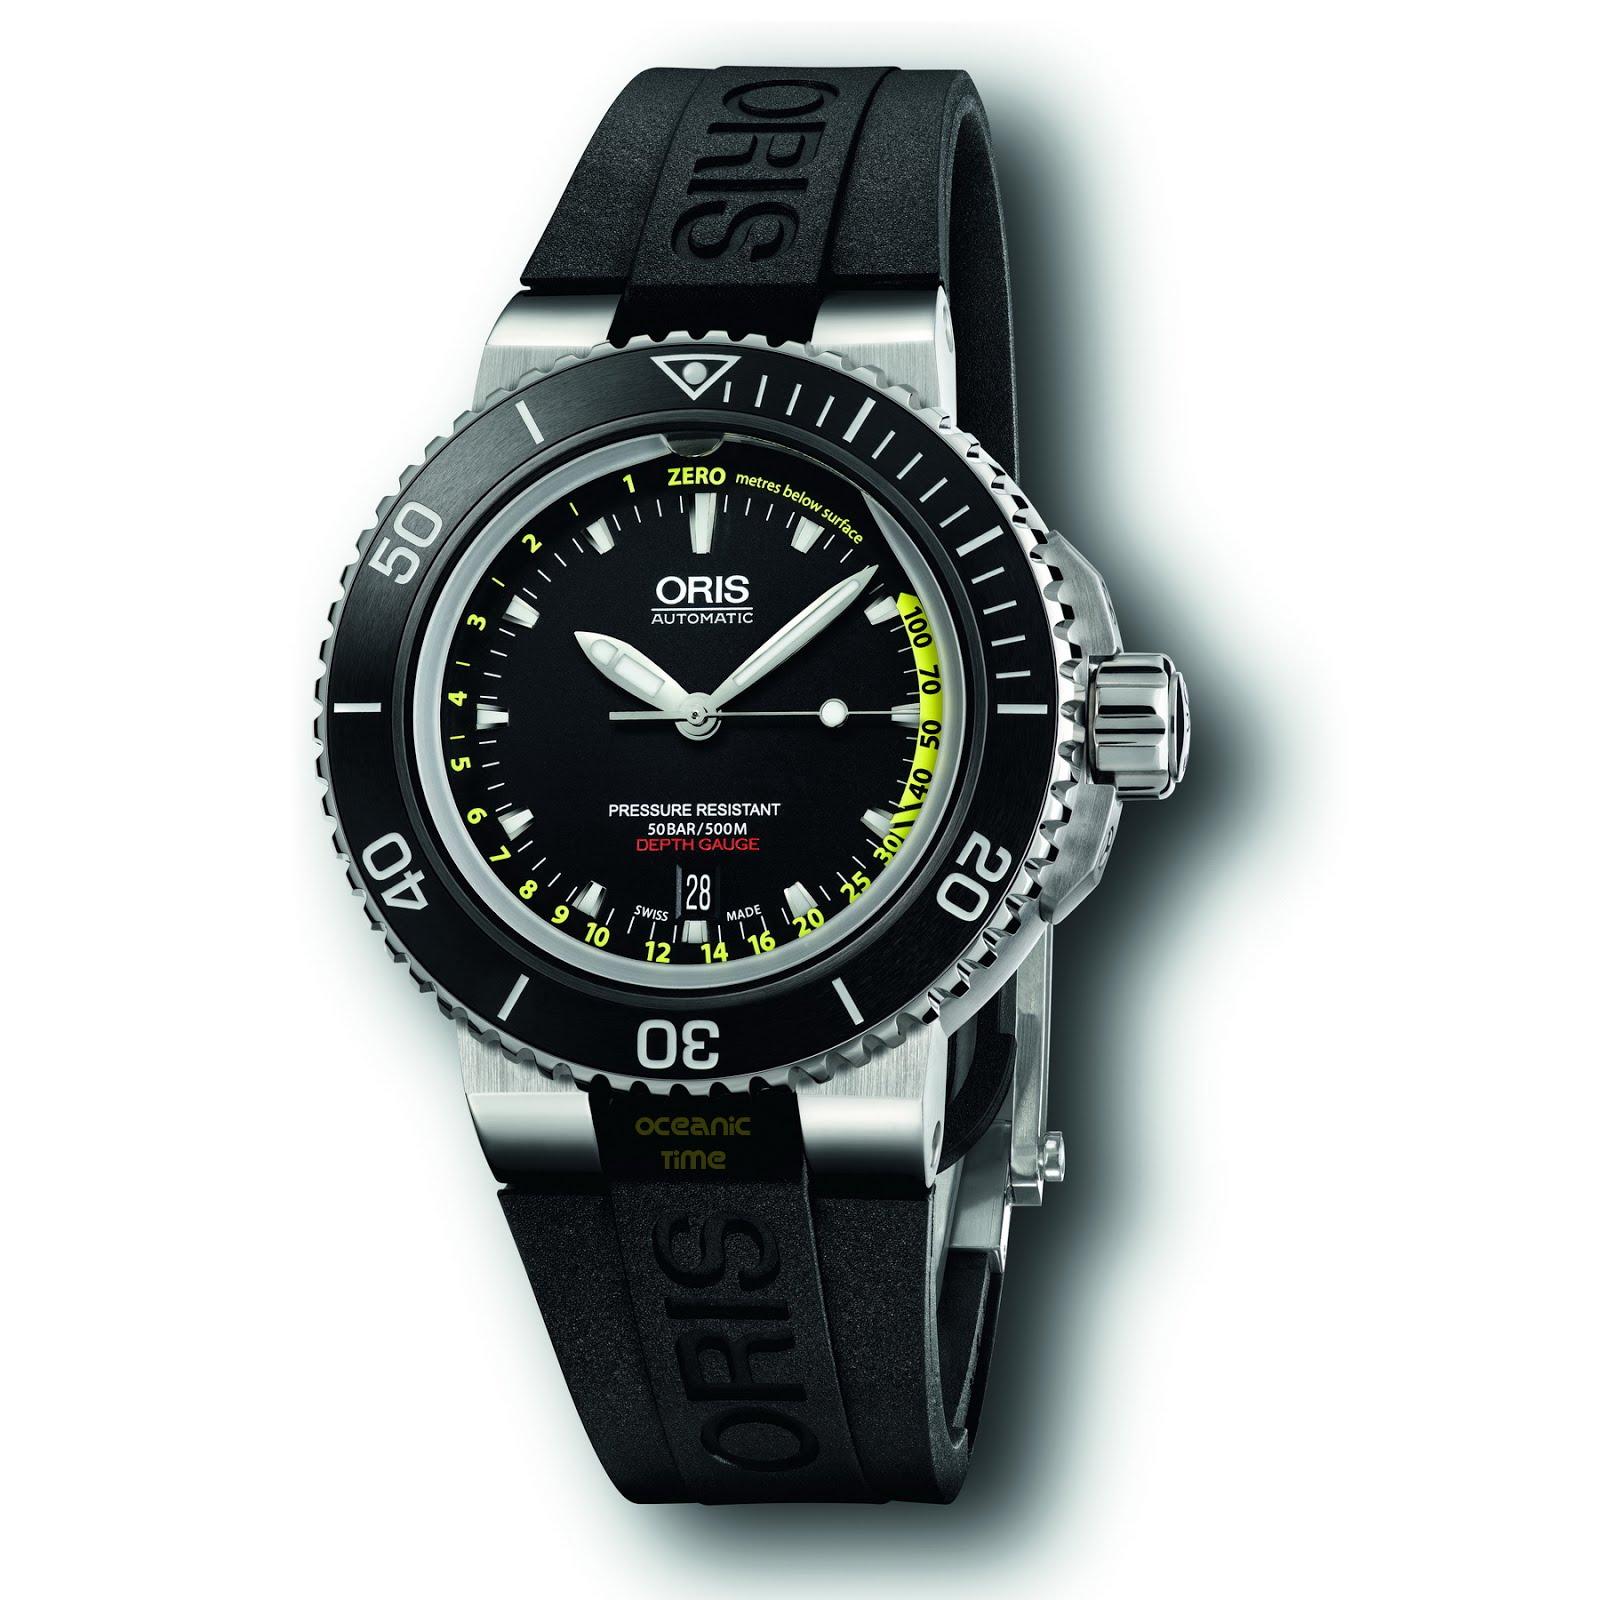 profondimetre - Une nouvelle montre profondimètre chez Oris ORIS%2BAquis%2BDepth%2BGAUGE%2B01